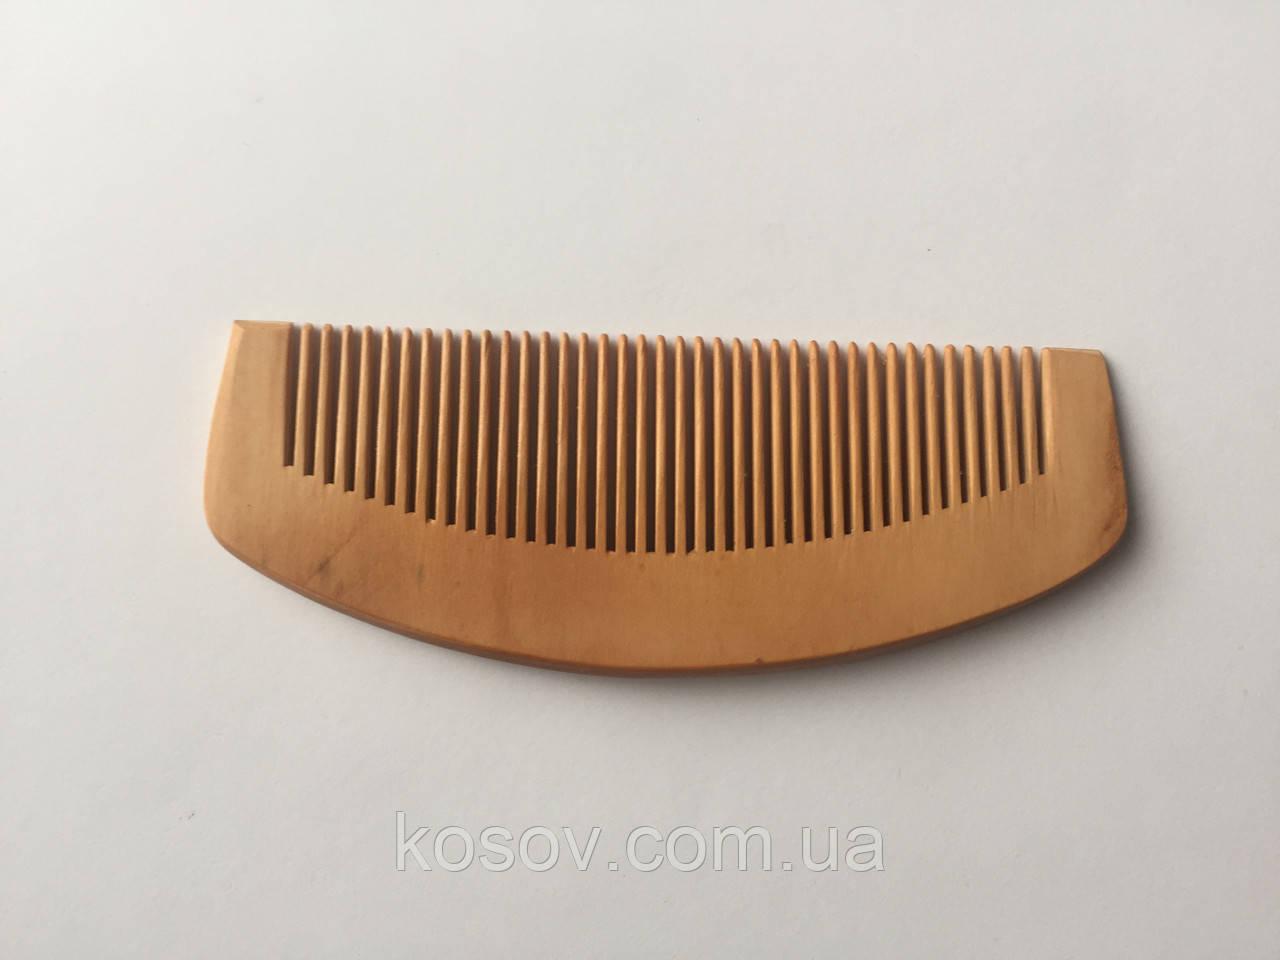 Деревянная расческа 14х5см (дуговая)